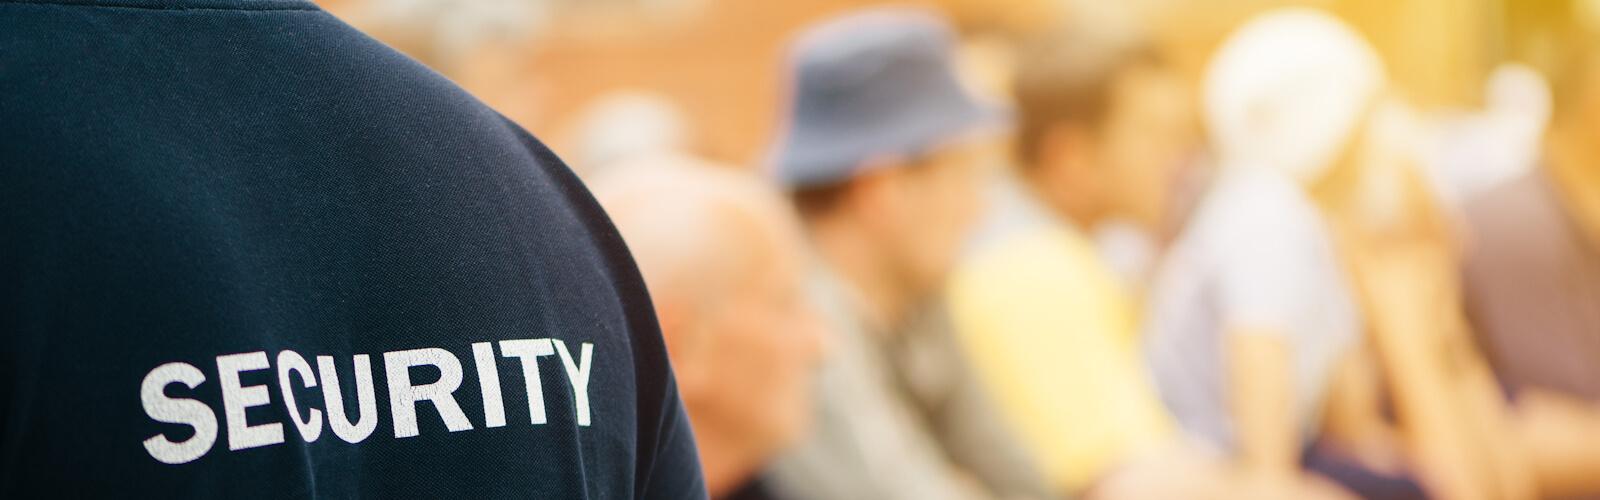 Pearce Bentley Security LTD